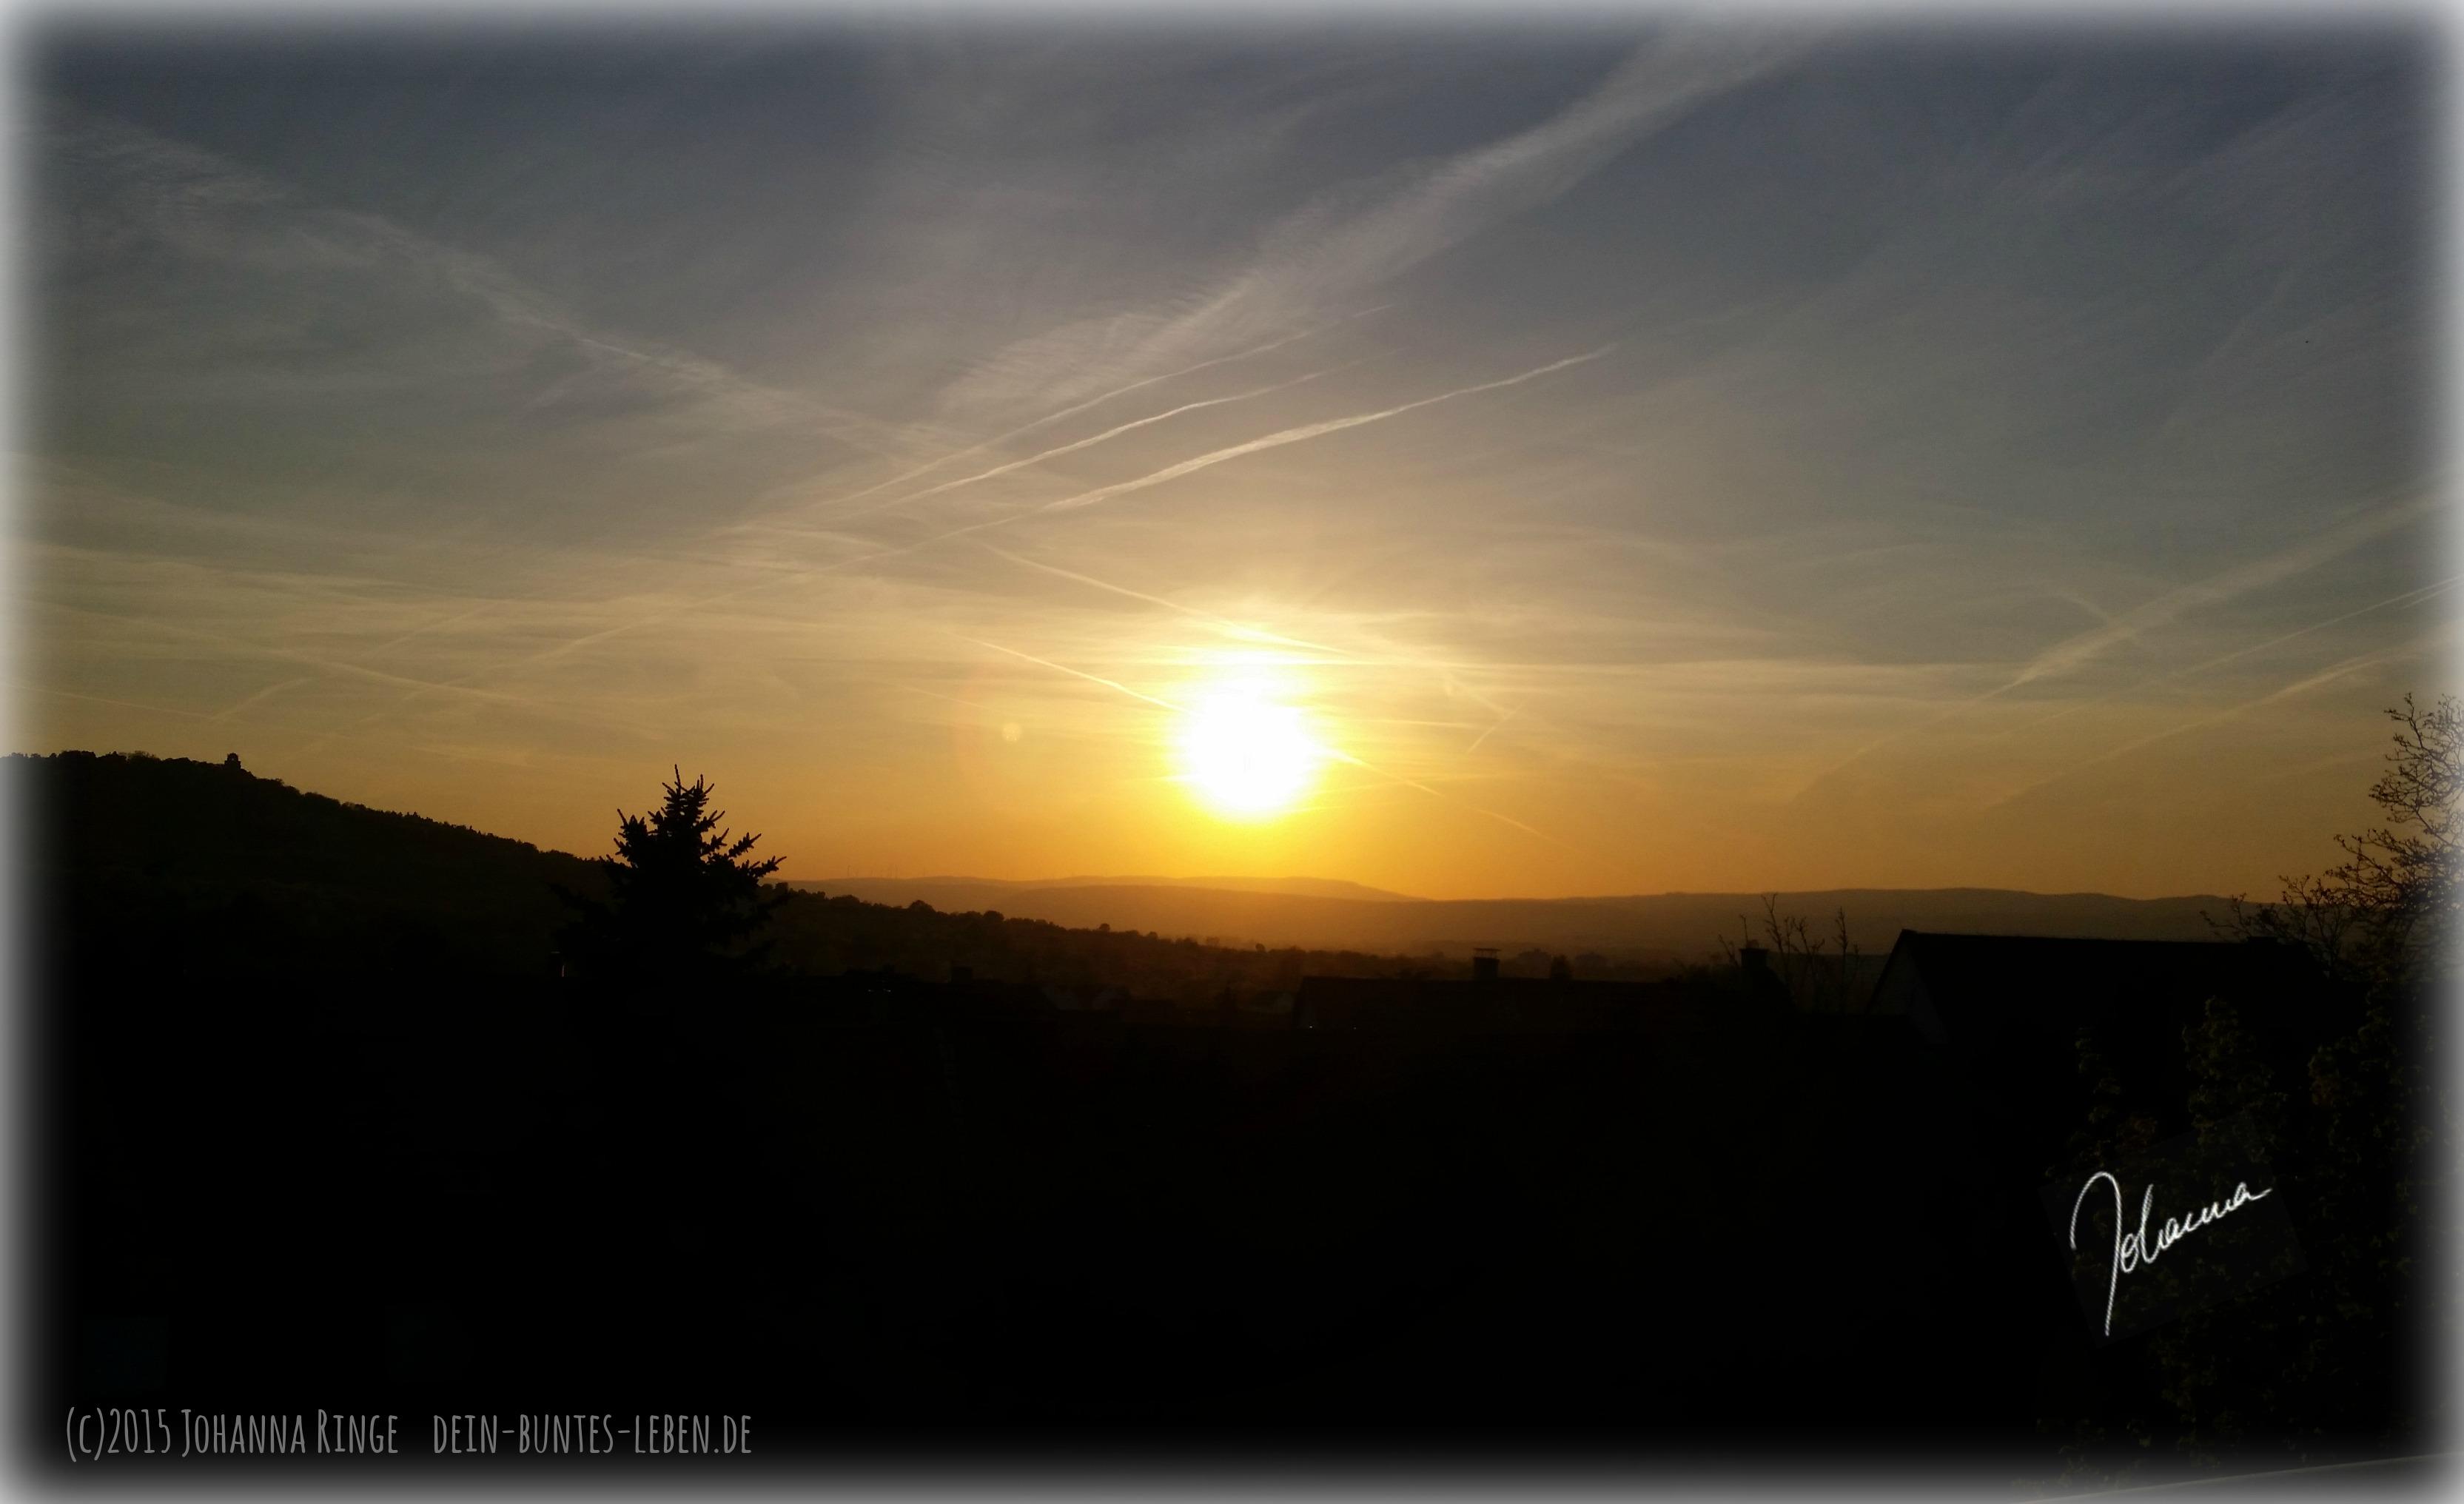 EIn Sonnenuntergang macht das Leben noch bunter...und kann Klarheit geben. (c)2015 Johanna Ringe